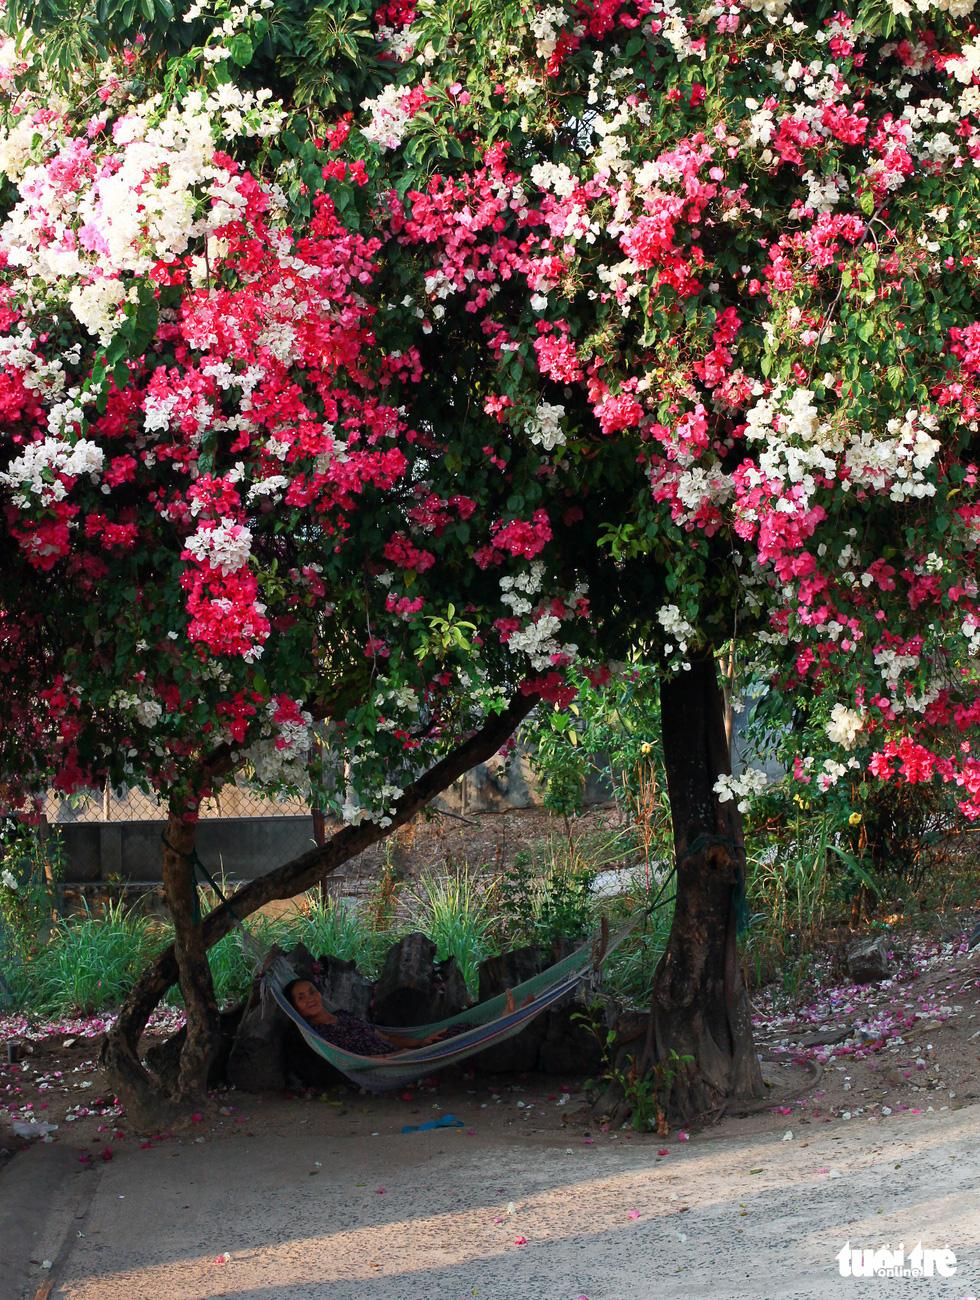 Ngắm hoa giấy bung nở rực rỡ giữa mùa khô Tây Nguyên - Ảnh 2.